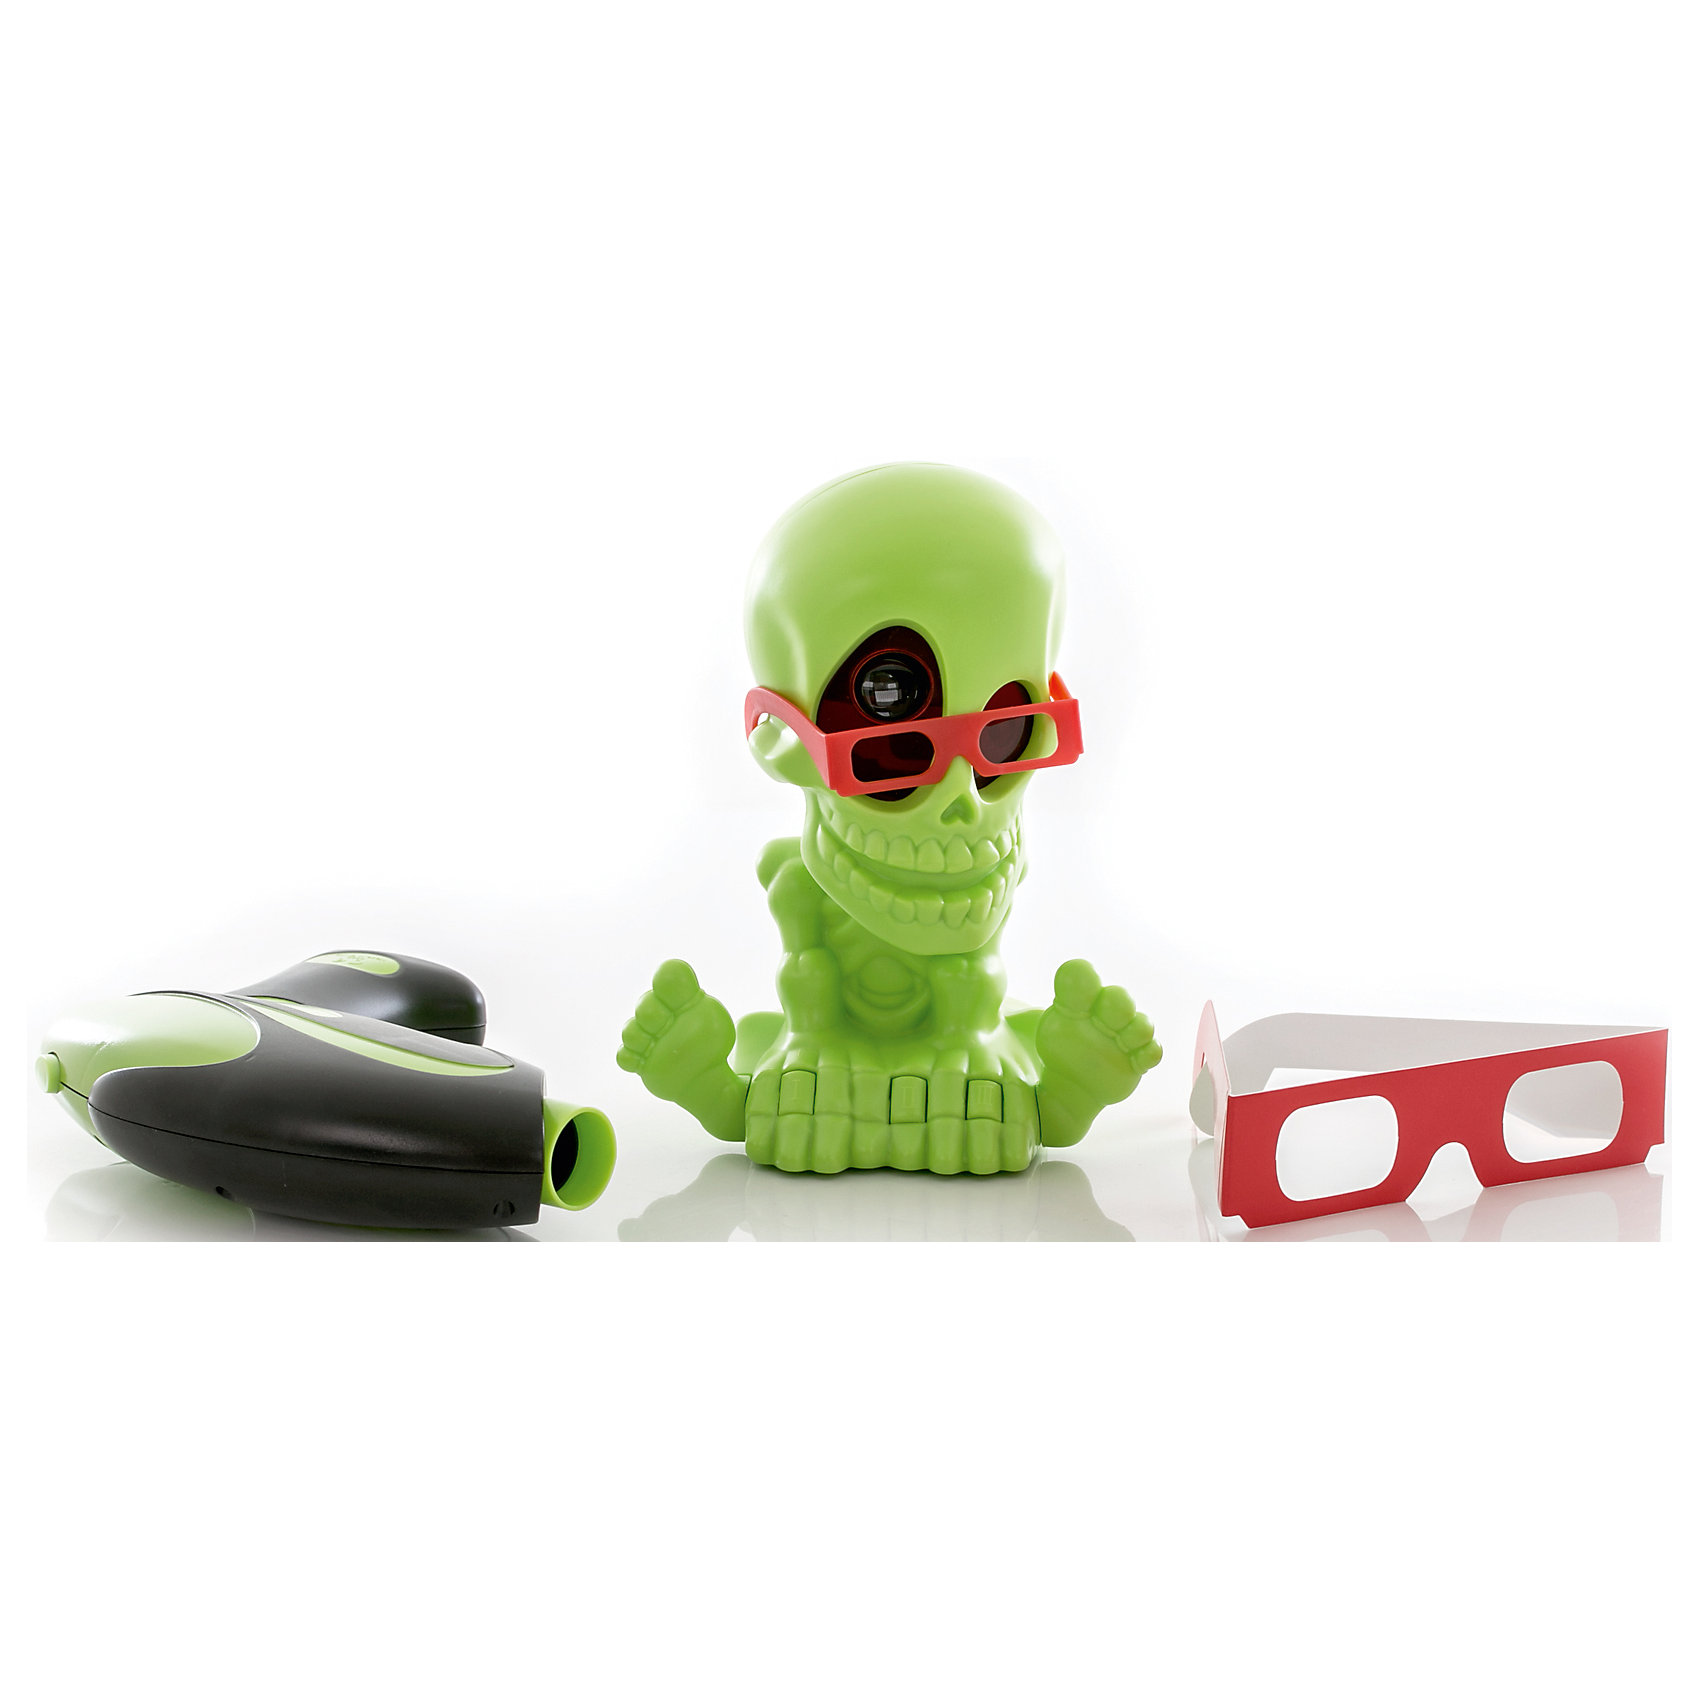 Fotorama Тир проекционный 3D Джонни-Черепок  с 2-мя бластерами, Johnny the Skull проекционный тир джонни черепок с 2 мя бластерами johnny the skull